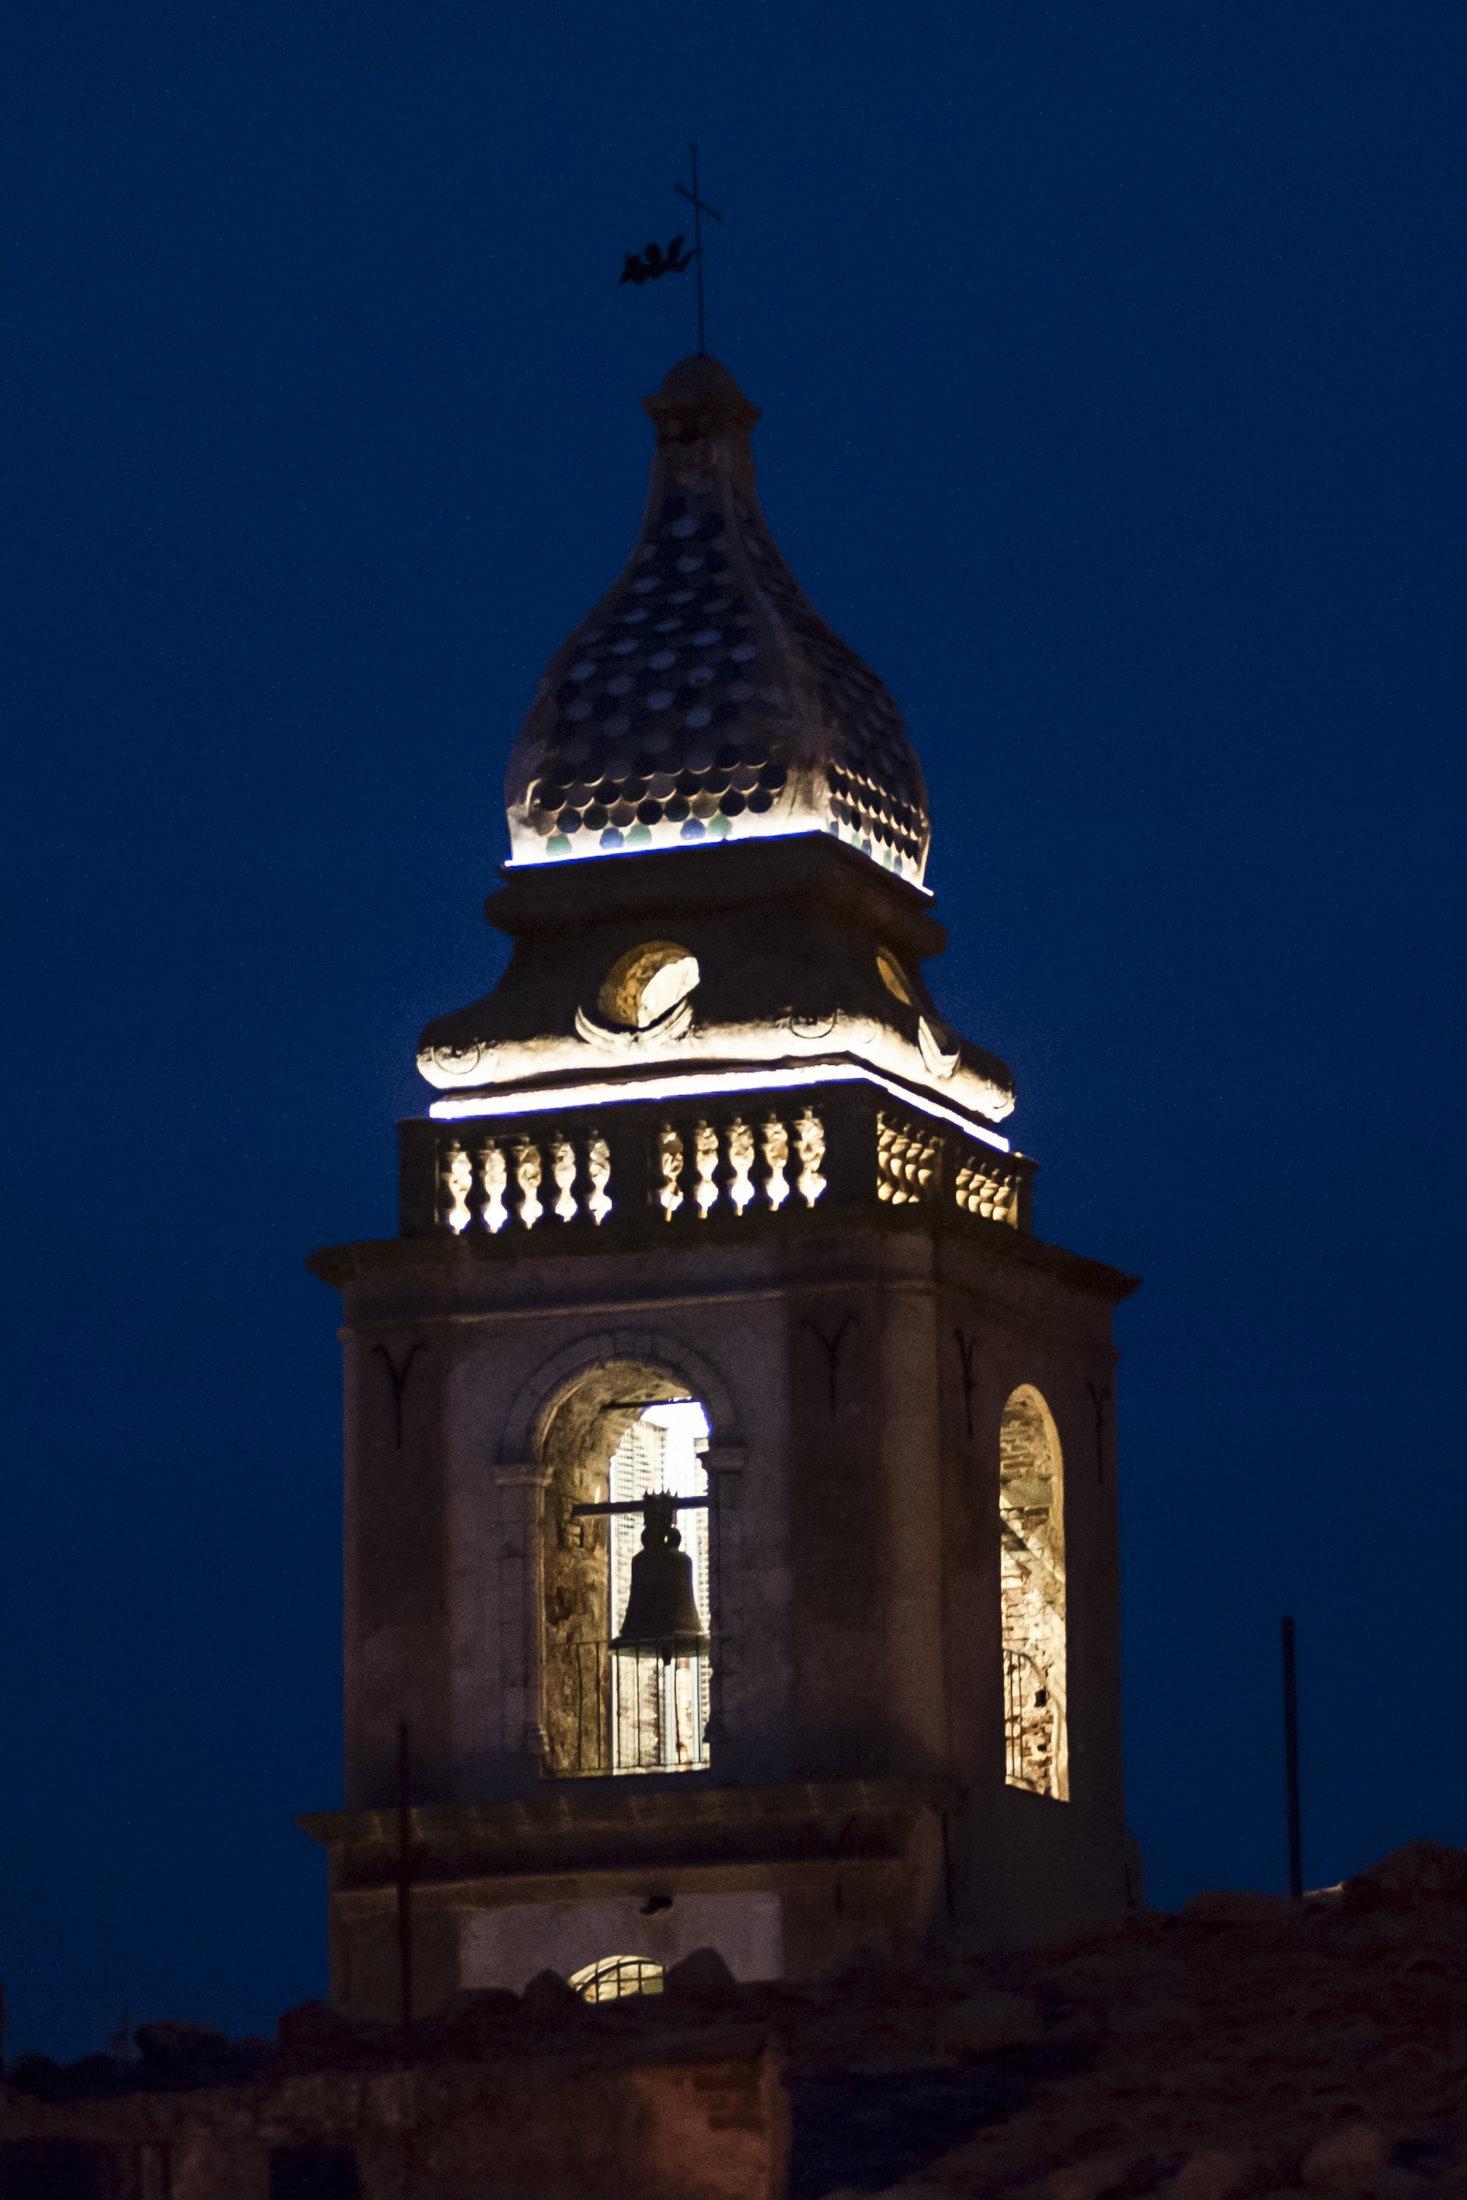 Dettaglio del campanile